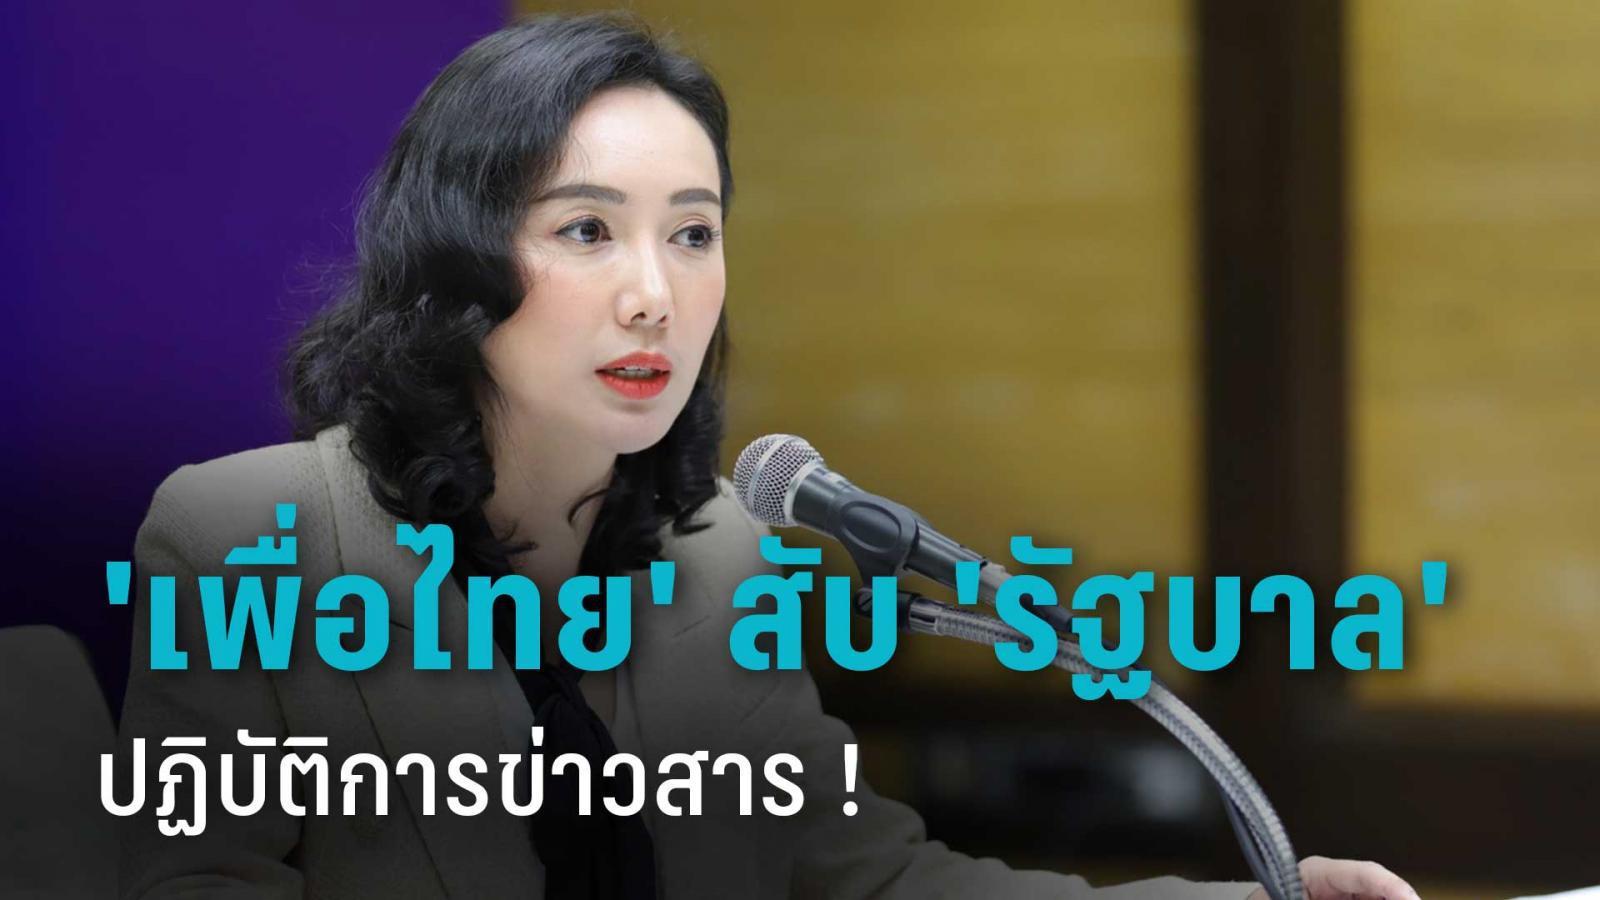 'เพื่อไทย' สับ 'รัฐบาล' หมดความชอบธรรม ใช้กองทัพทวิต IO สร้างความแตกแยก บิดเบือน